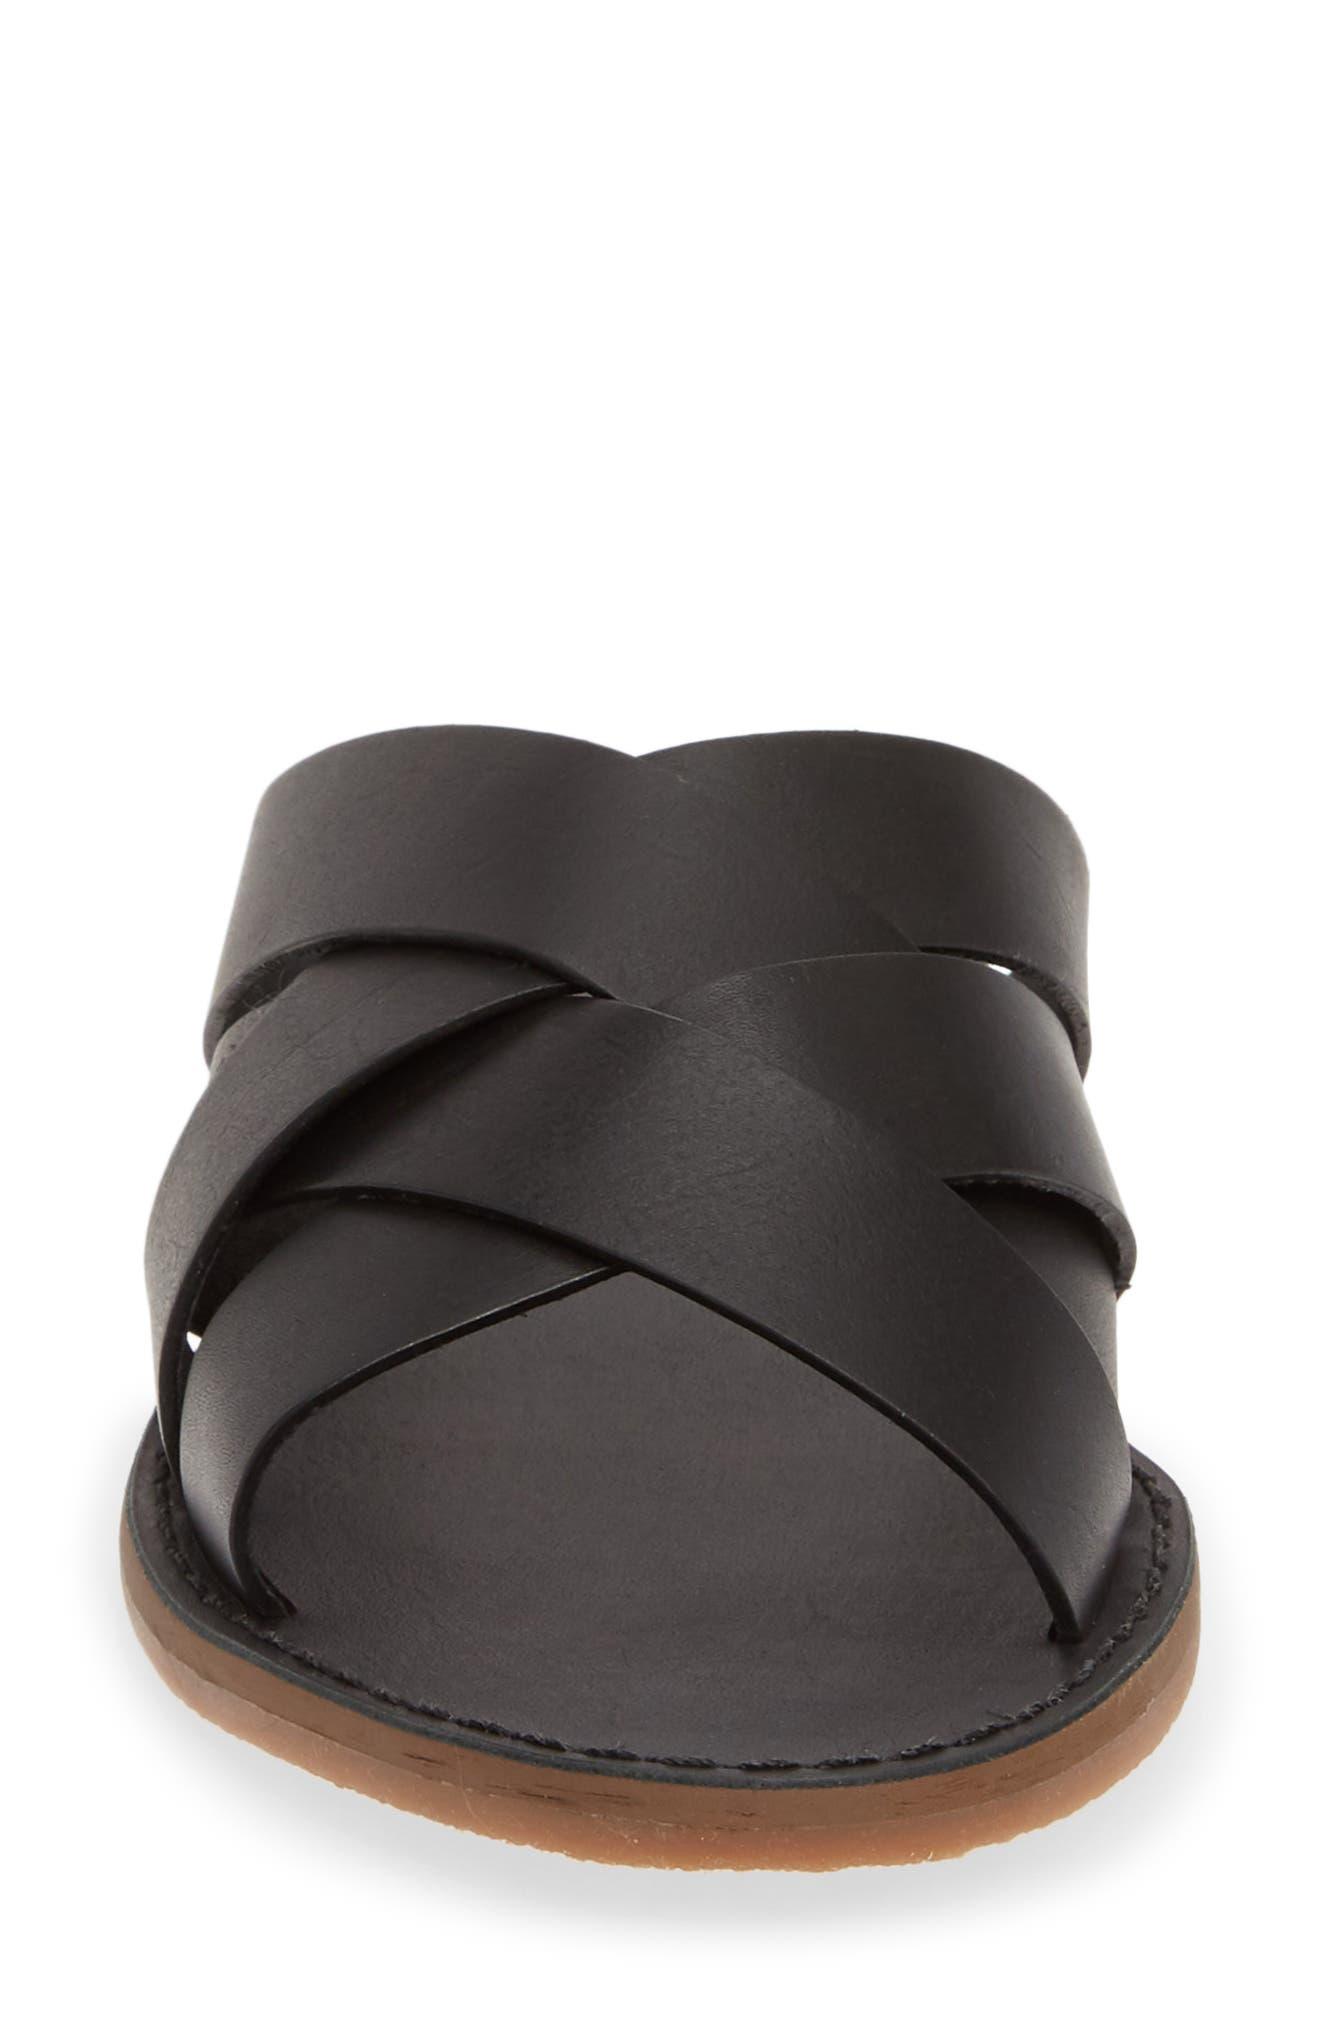 MADEWELL, The Boardwalk Woven Slide Sandal, Alternate thumbnail 4, color, TRUE BLACK